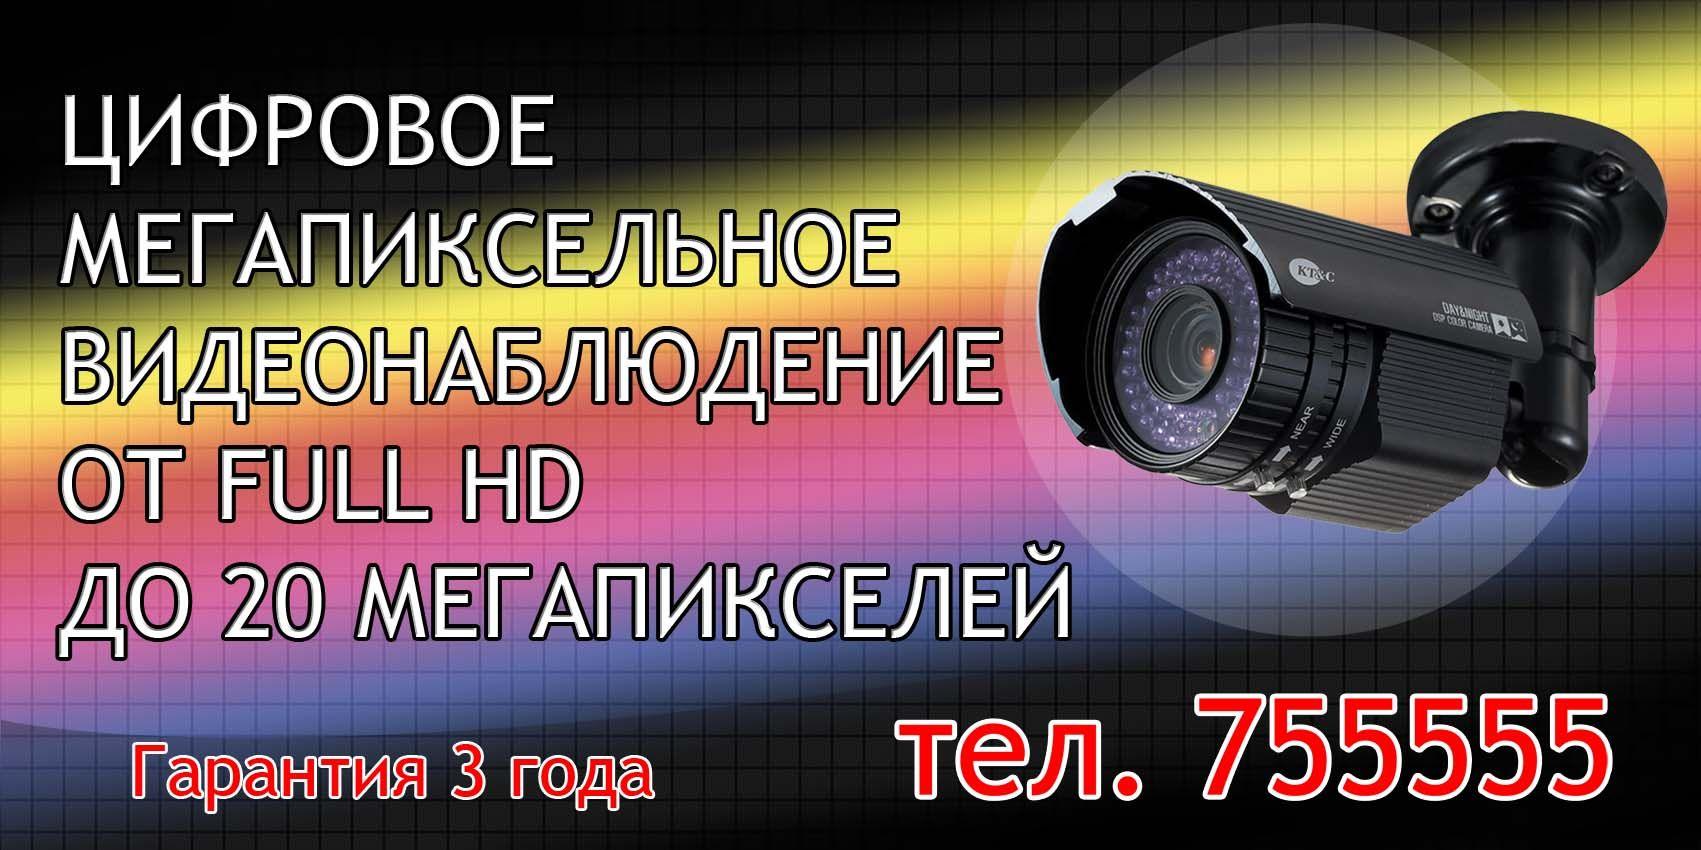 Дизайн баннера 3х6 метров - дизайнер Evgenia_021